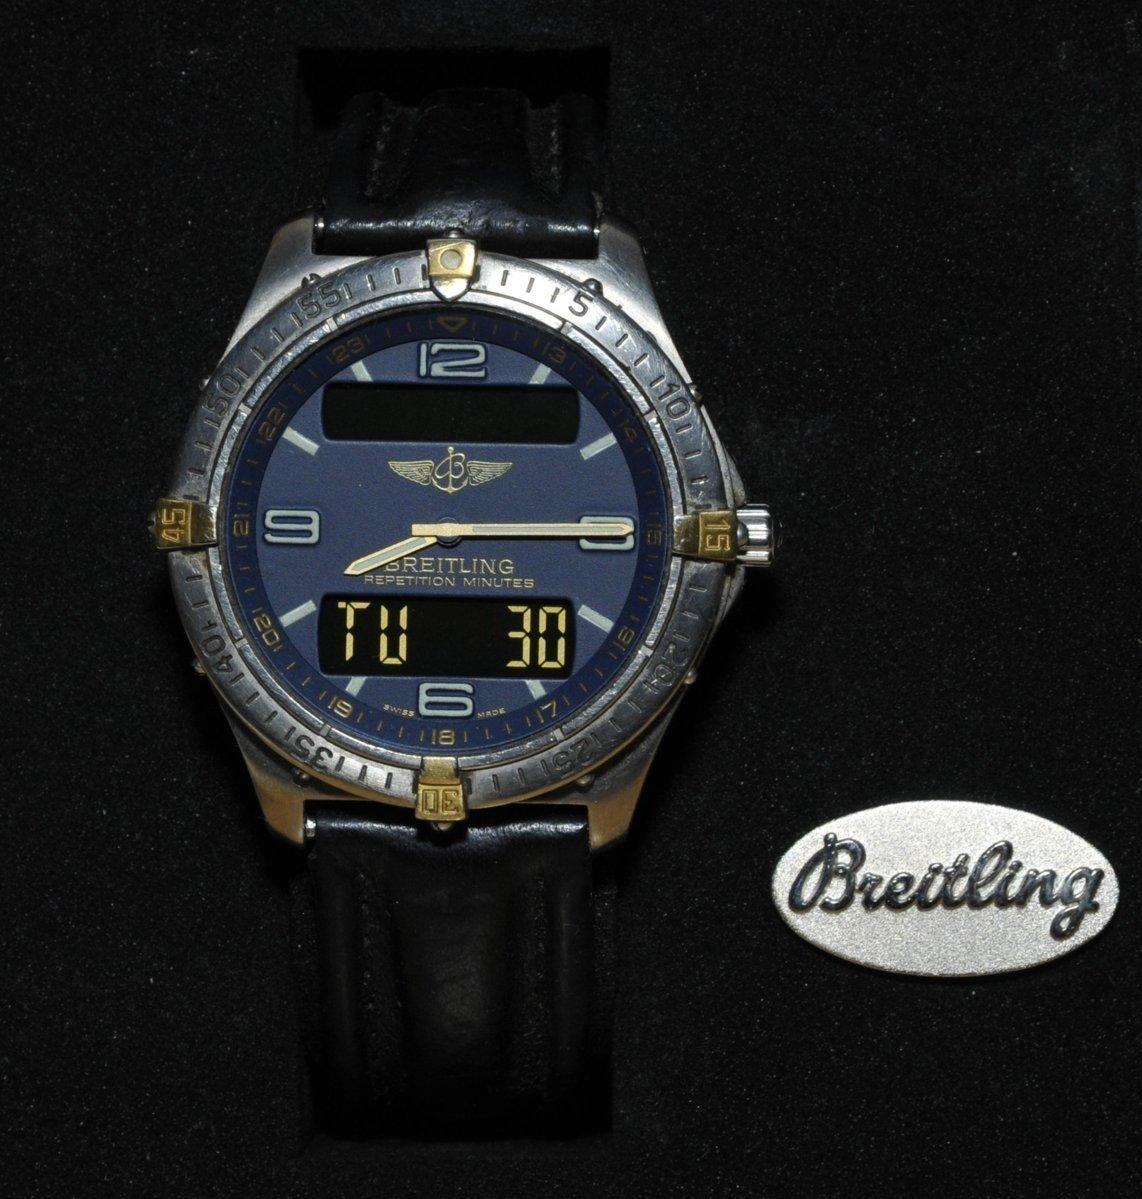 Breitling.jpg